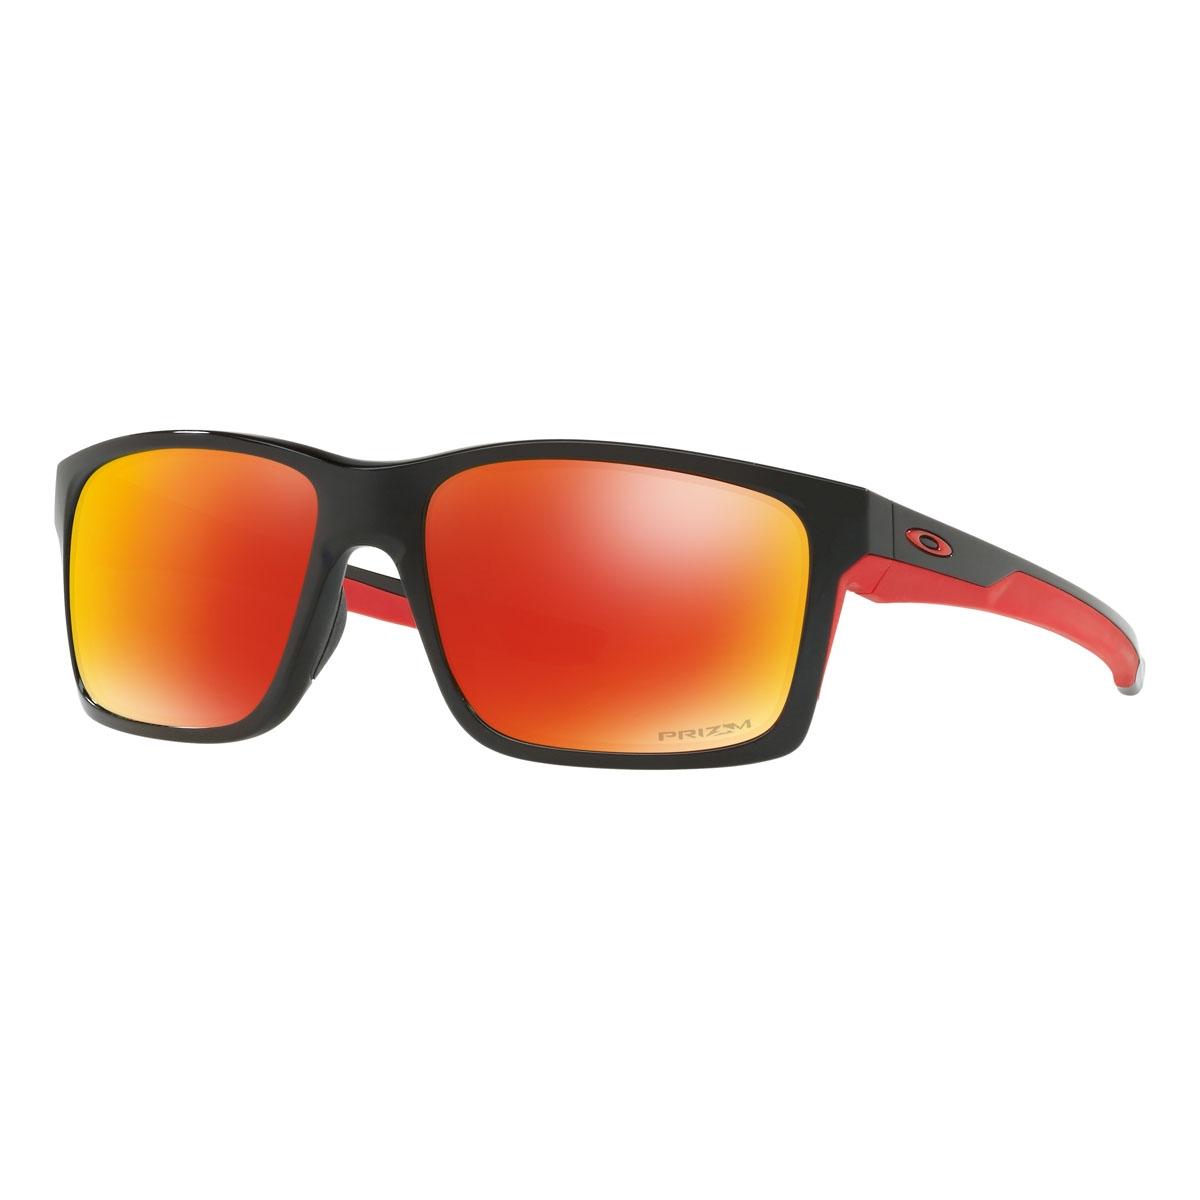 b040ebc34f Image of Oakley Mainlink Prizm Polarised Sunglasses - Polished Black Frame  Prizm Ruby Polarized Lens ...